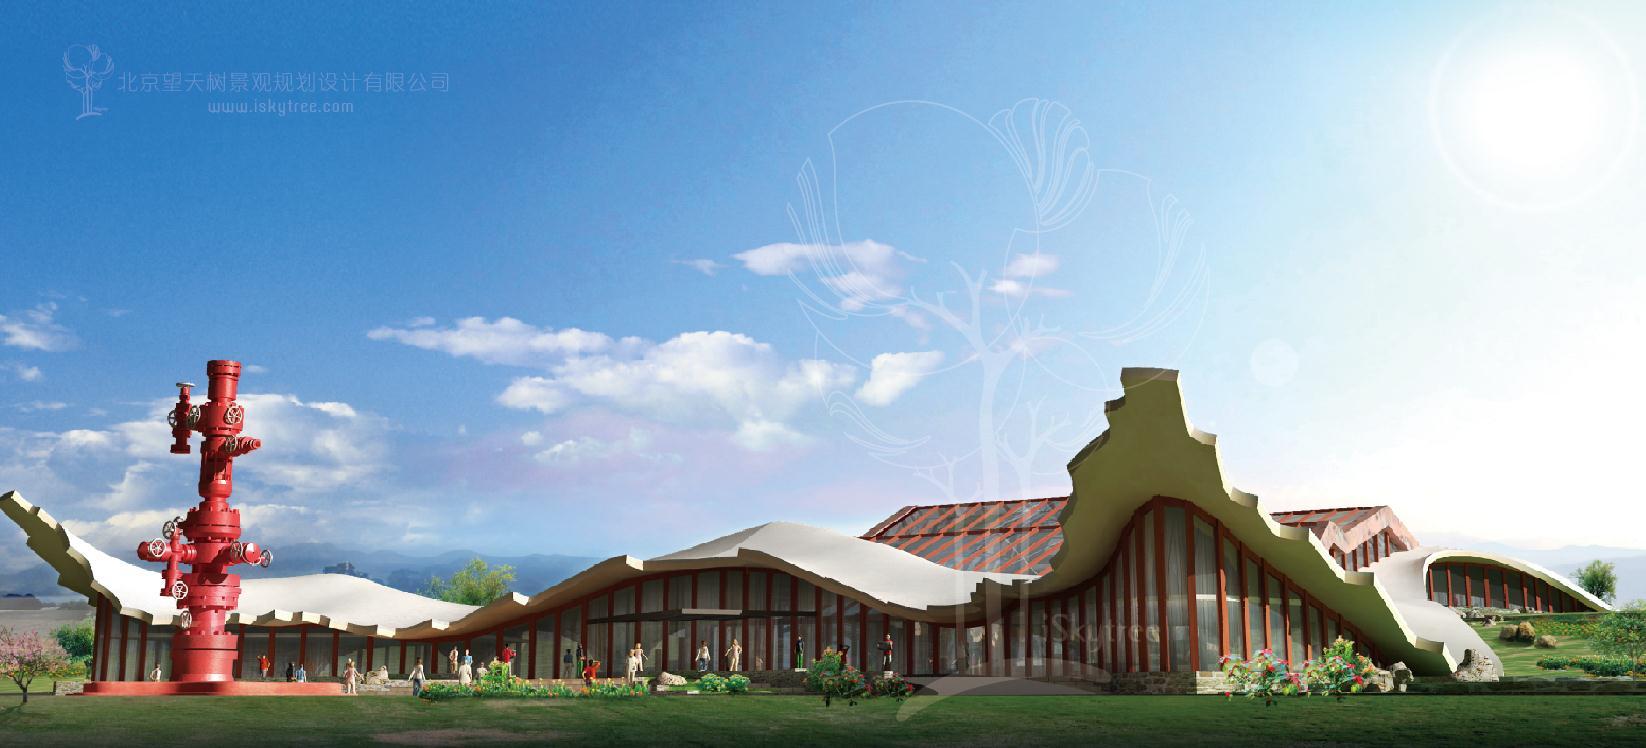 自驾车营地建筑景观设计方案